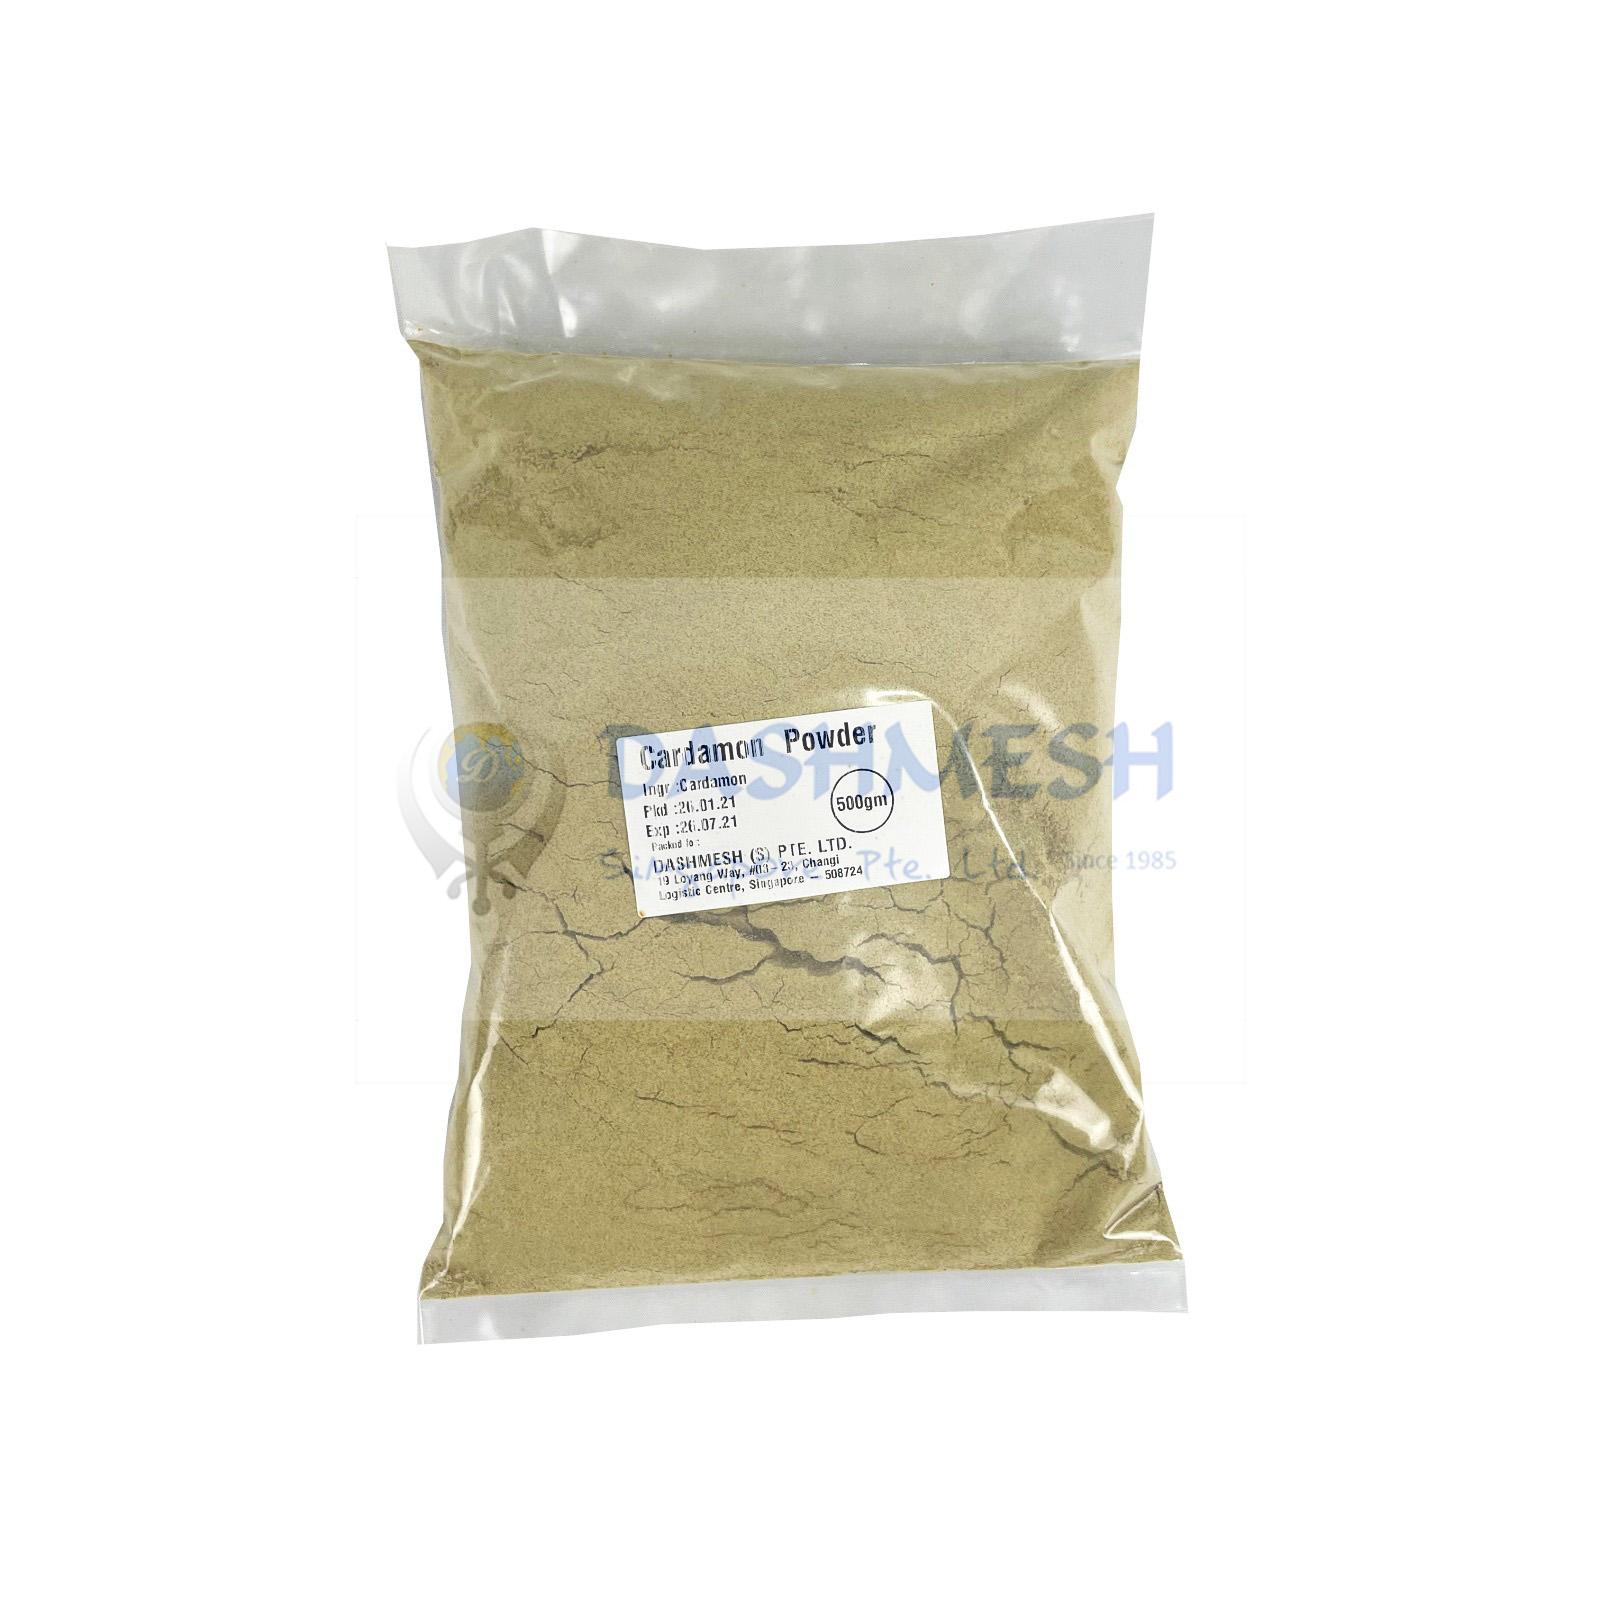 Cardamon Powder (A Grade) 500g